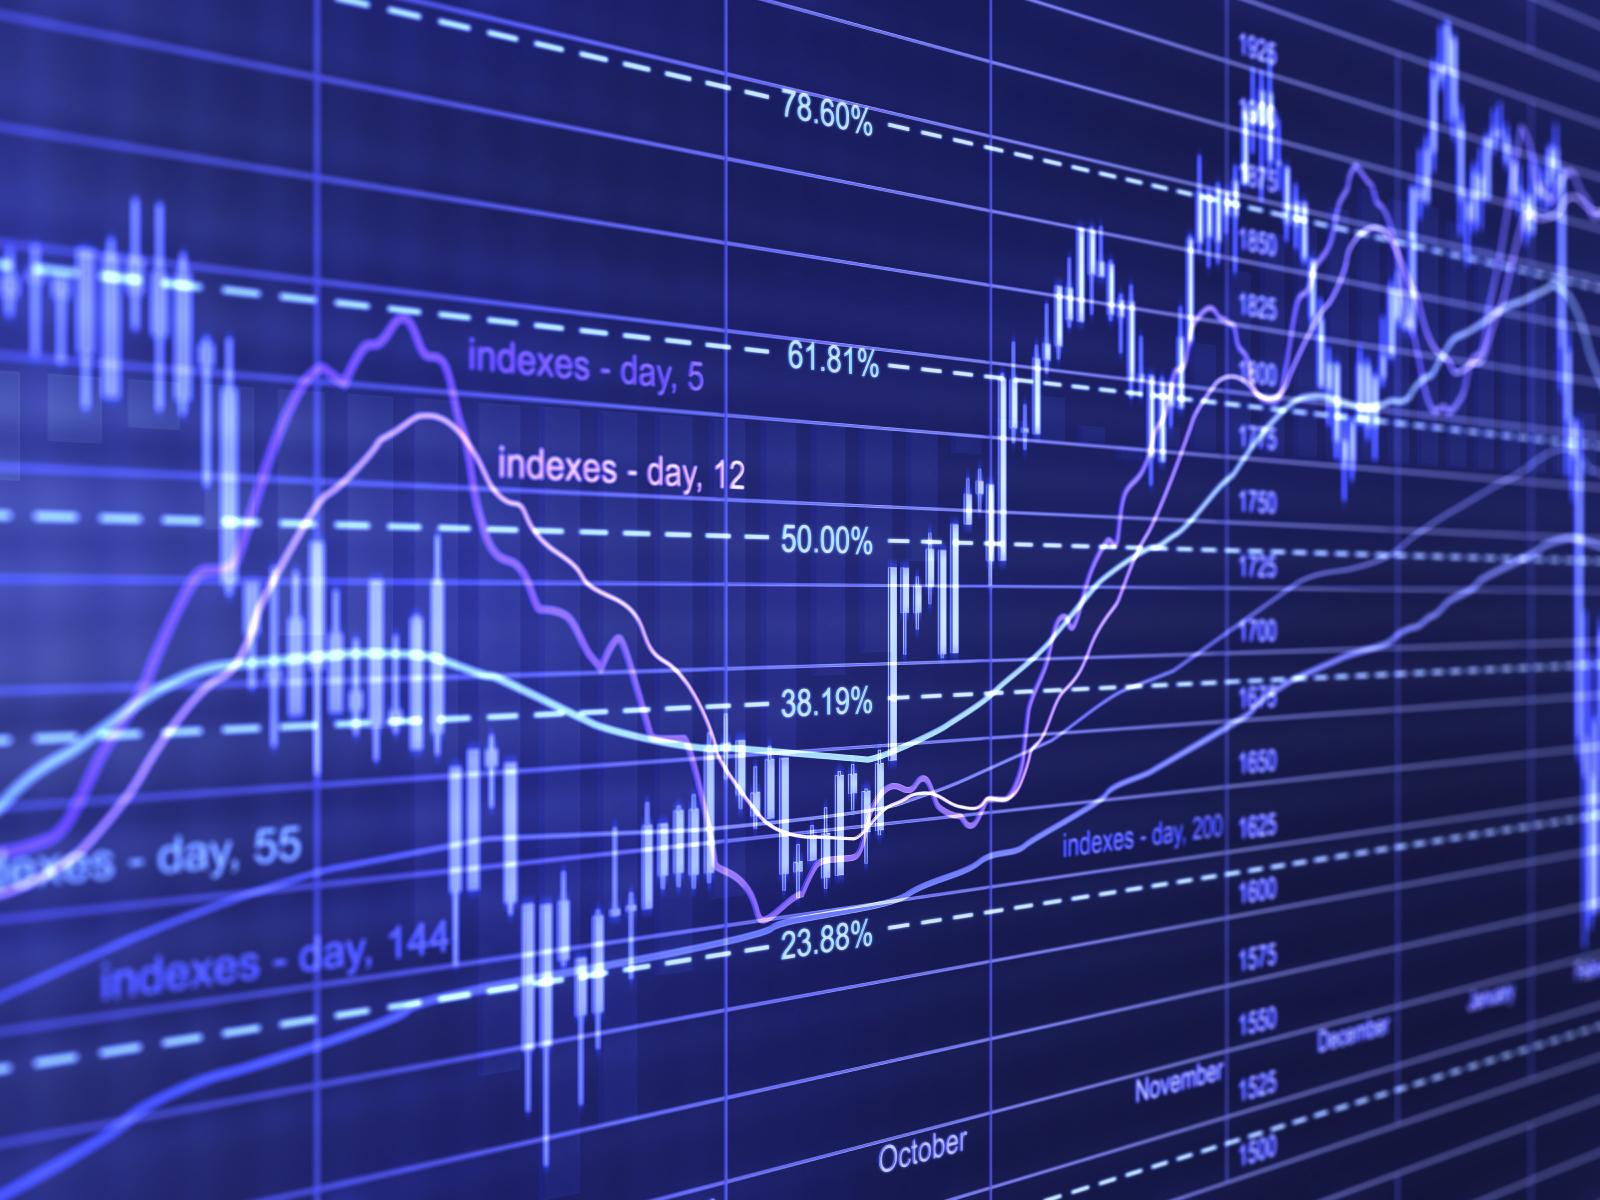 график изменения валютного рынка